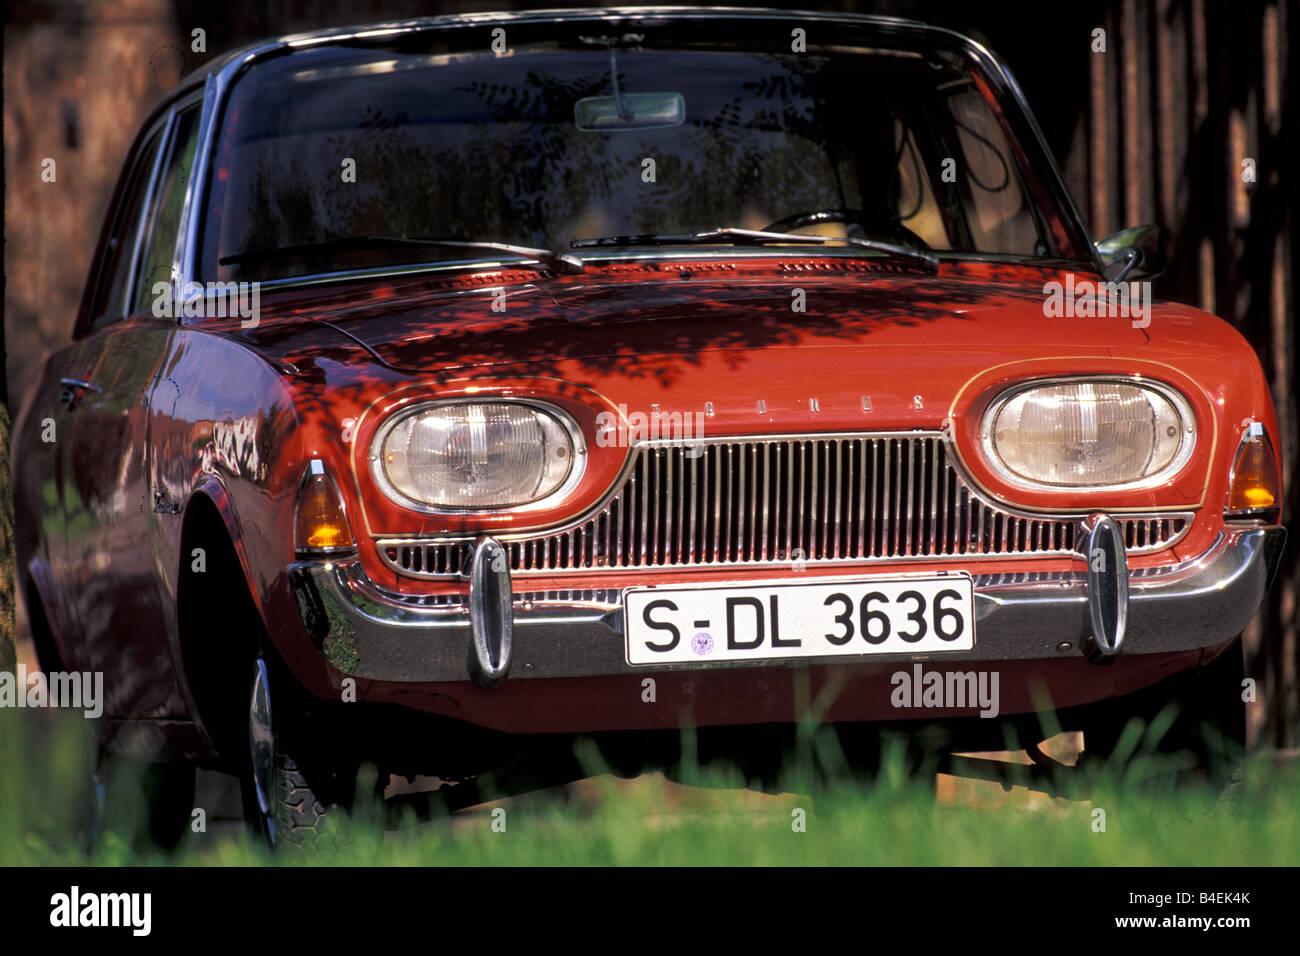 voiture ford taunus 17m p3 39 39 baignoire rouge blanc l 39 ann e de mod le 1960 1964 voiture d. Black Bedroom Furniture Sets. Home Design Ideas